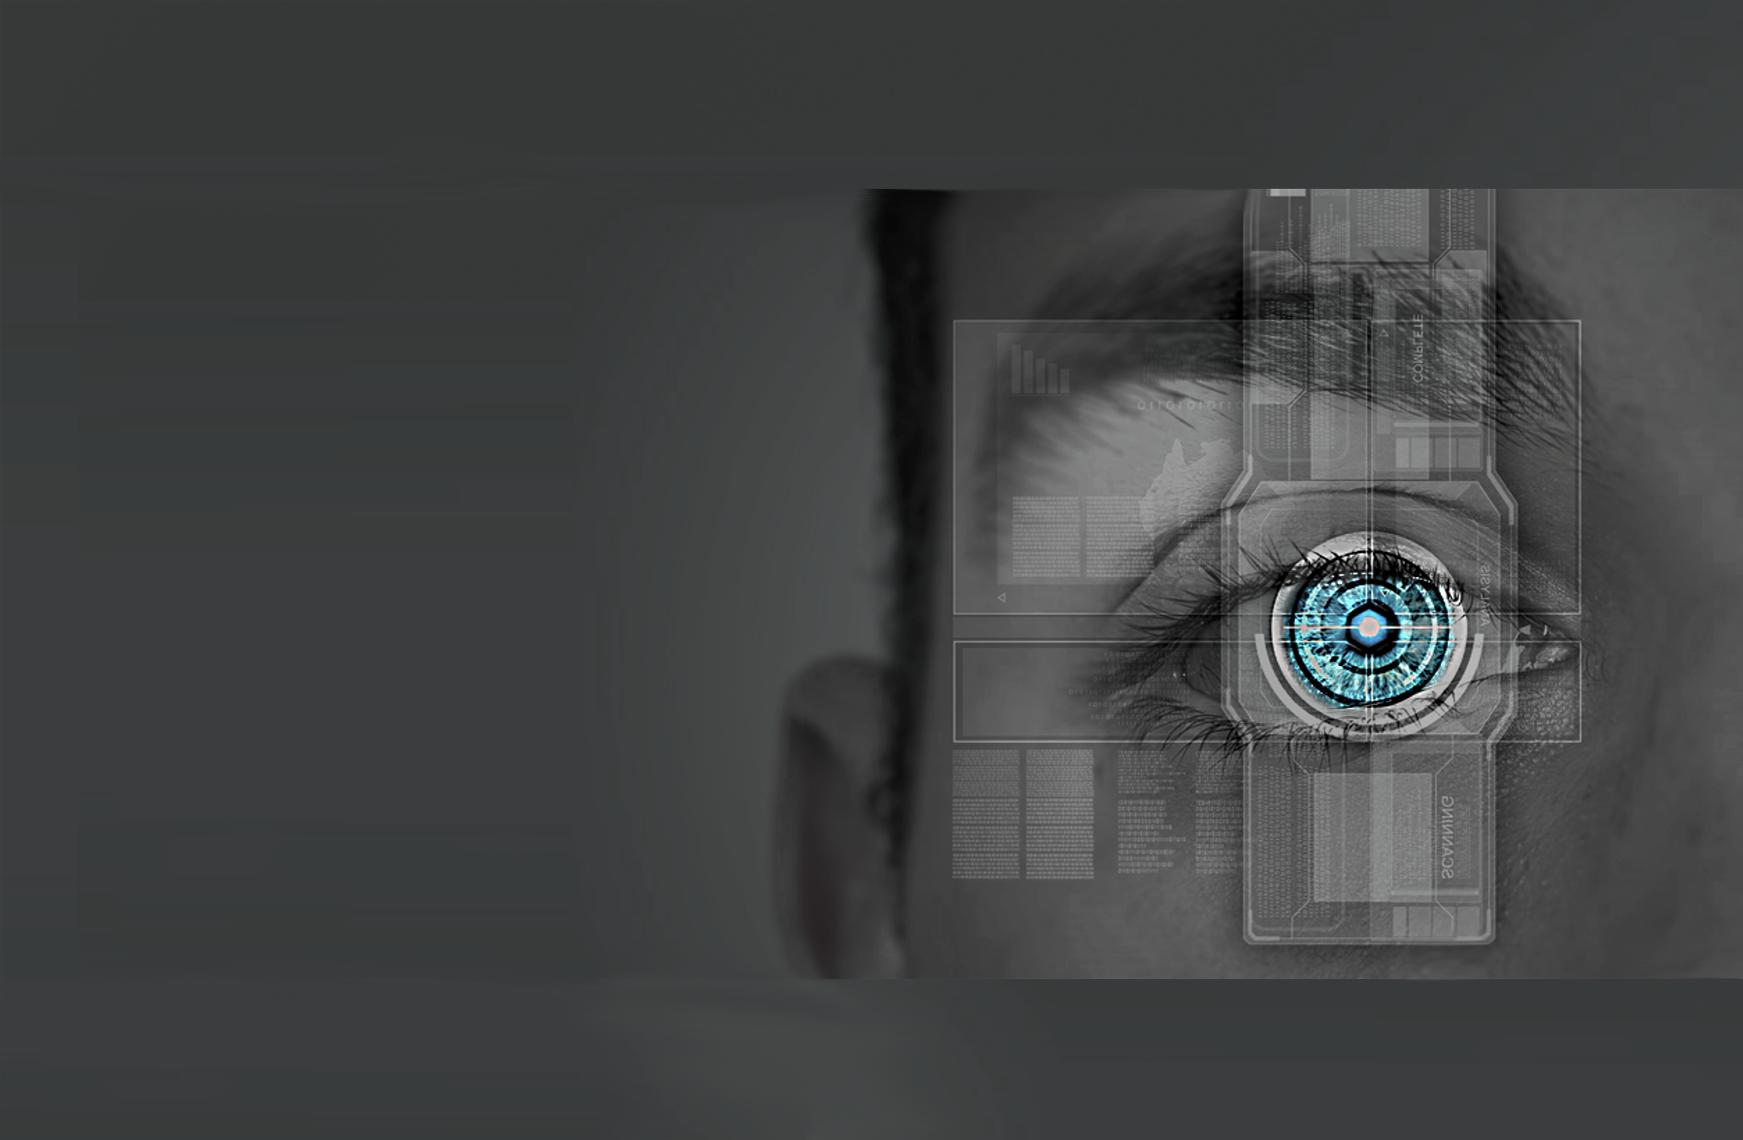 Gestion externalisée du Système d'information - Image accueil Generis System